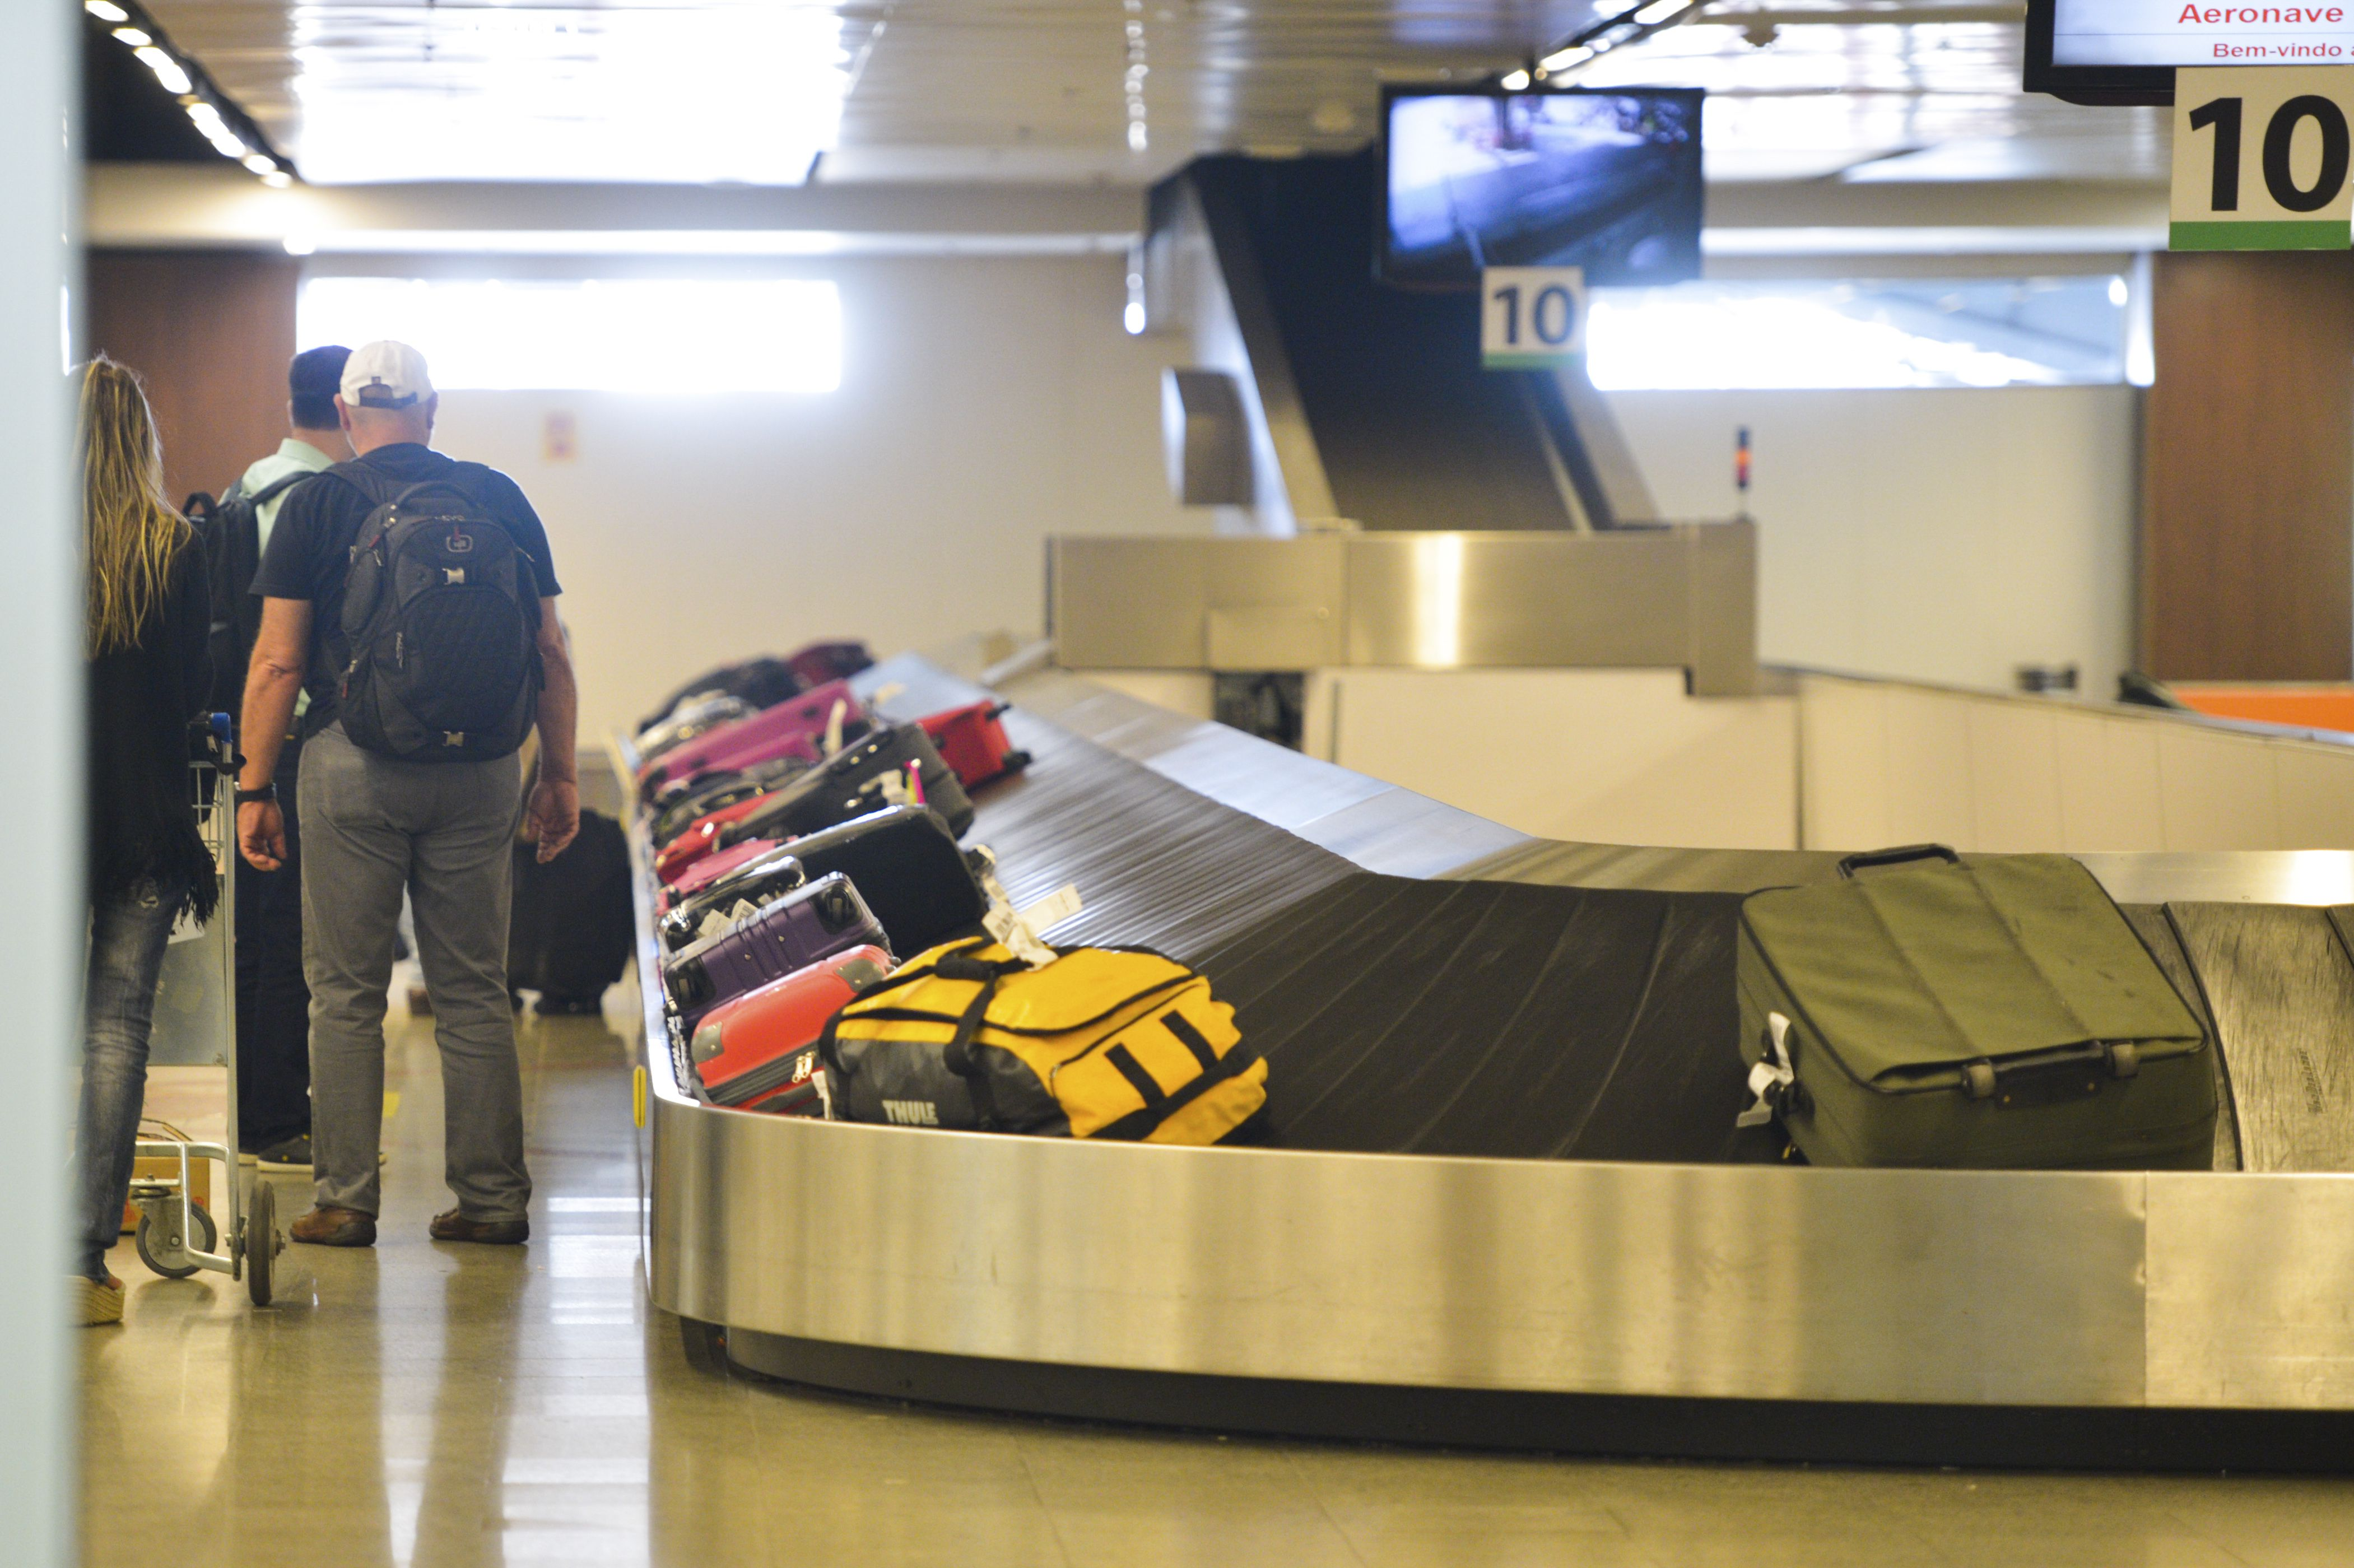 Transporte - aviação - esteira de bagagens malas aeroportos desembarques